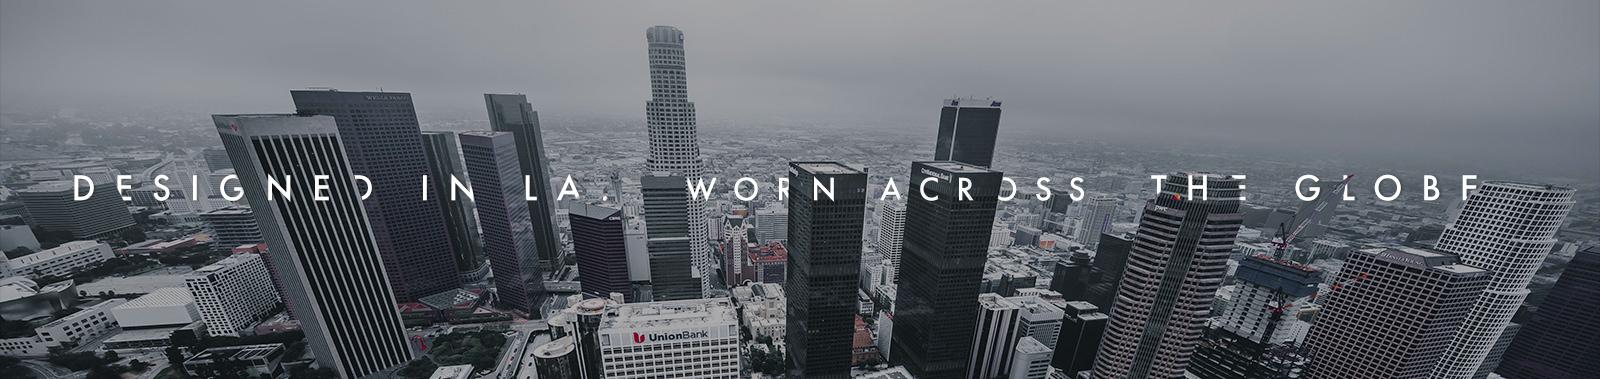 Designed in LA. Worn across the globe.